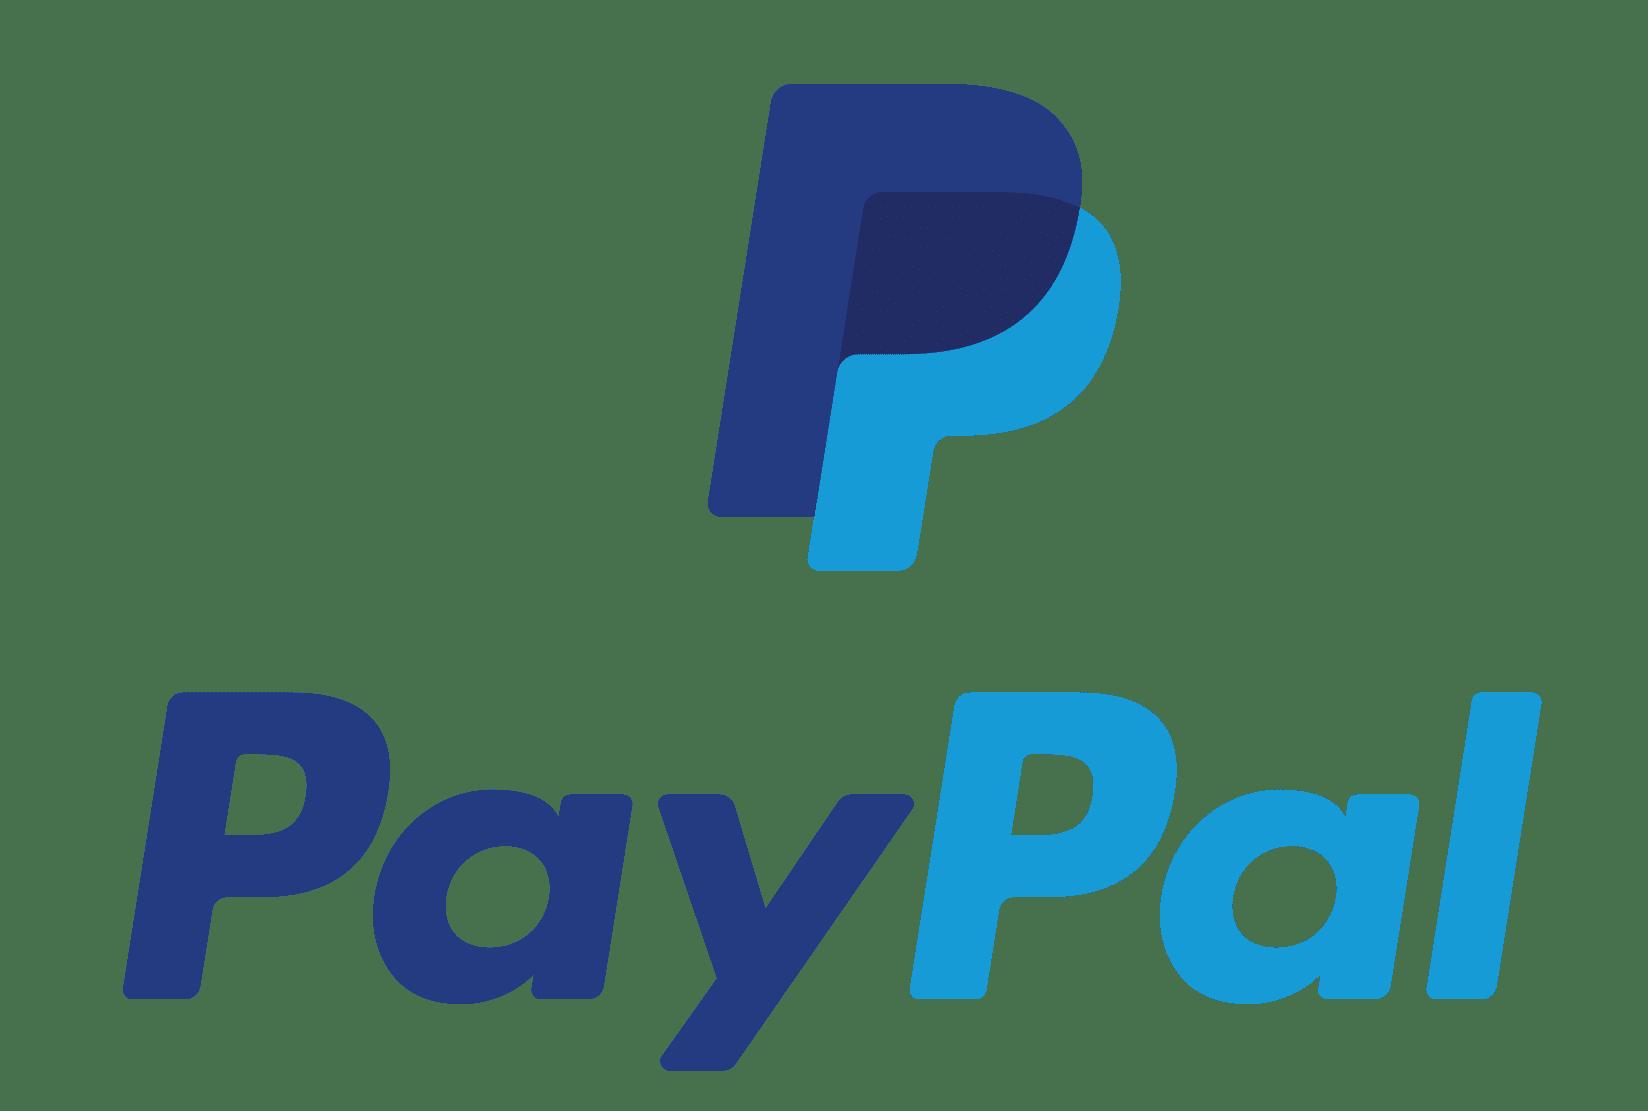 PayPal logo histoire et signification evolution symbole